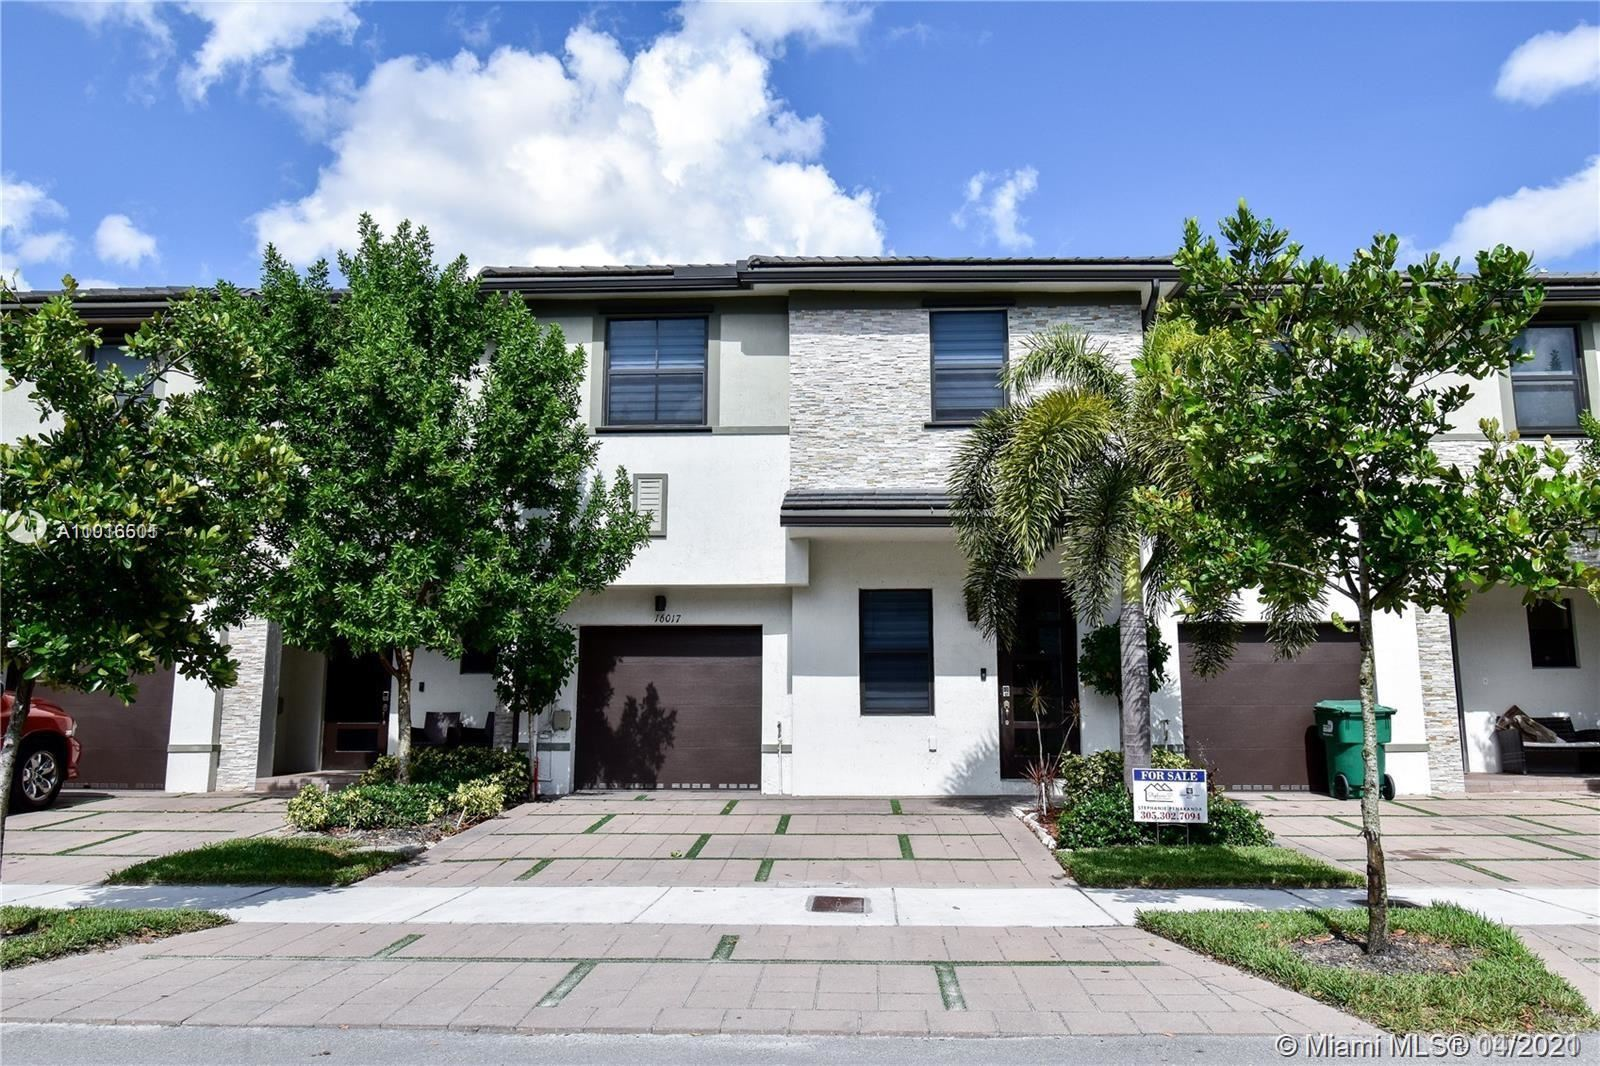 16017 NW 91st Ct, Miami Lakes, FL 33018 - #: A11016501